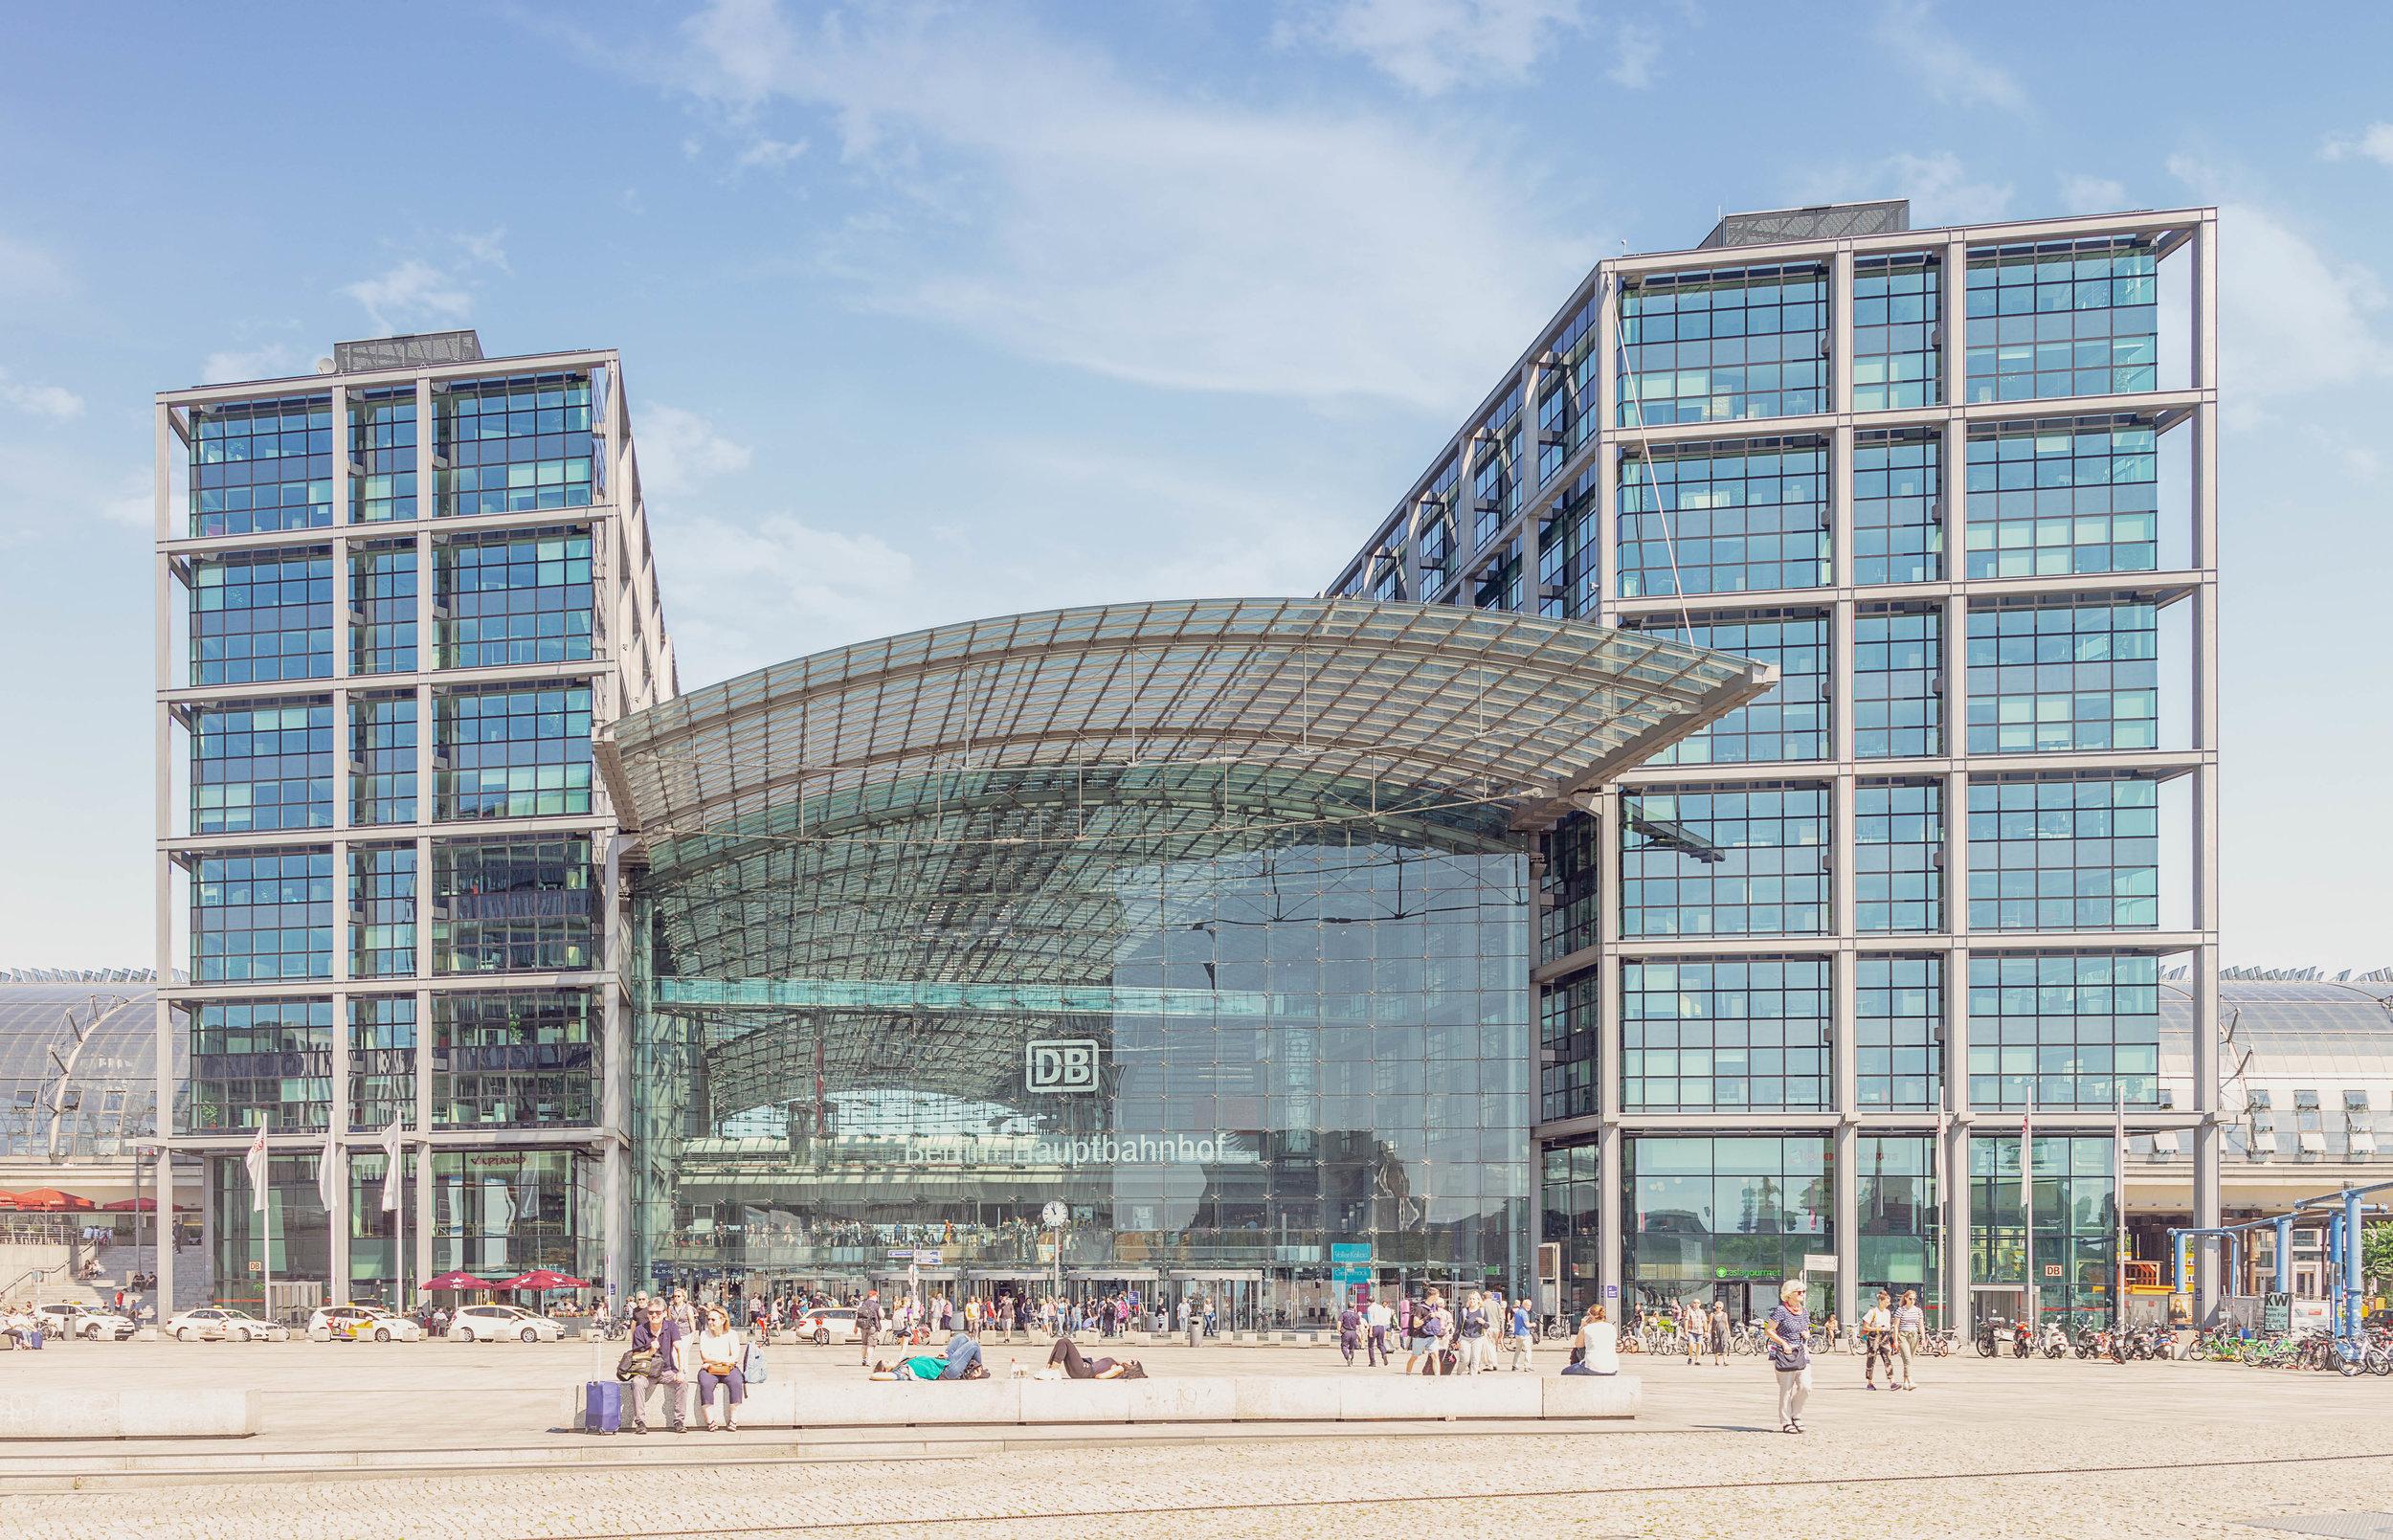 berlin station-Edit.jpg